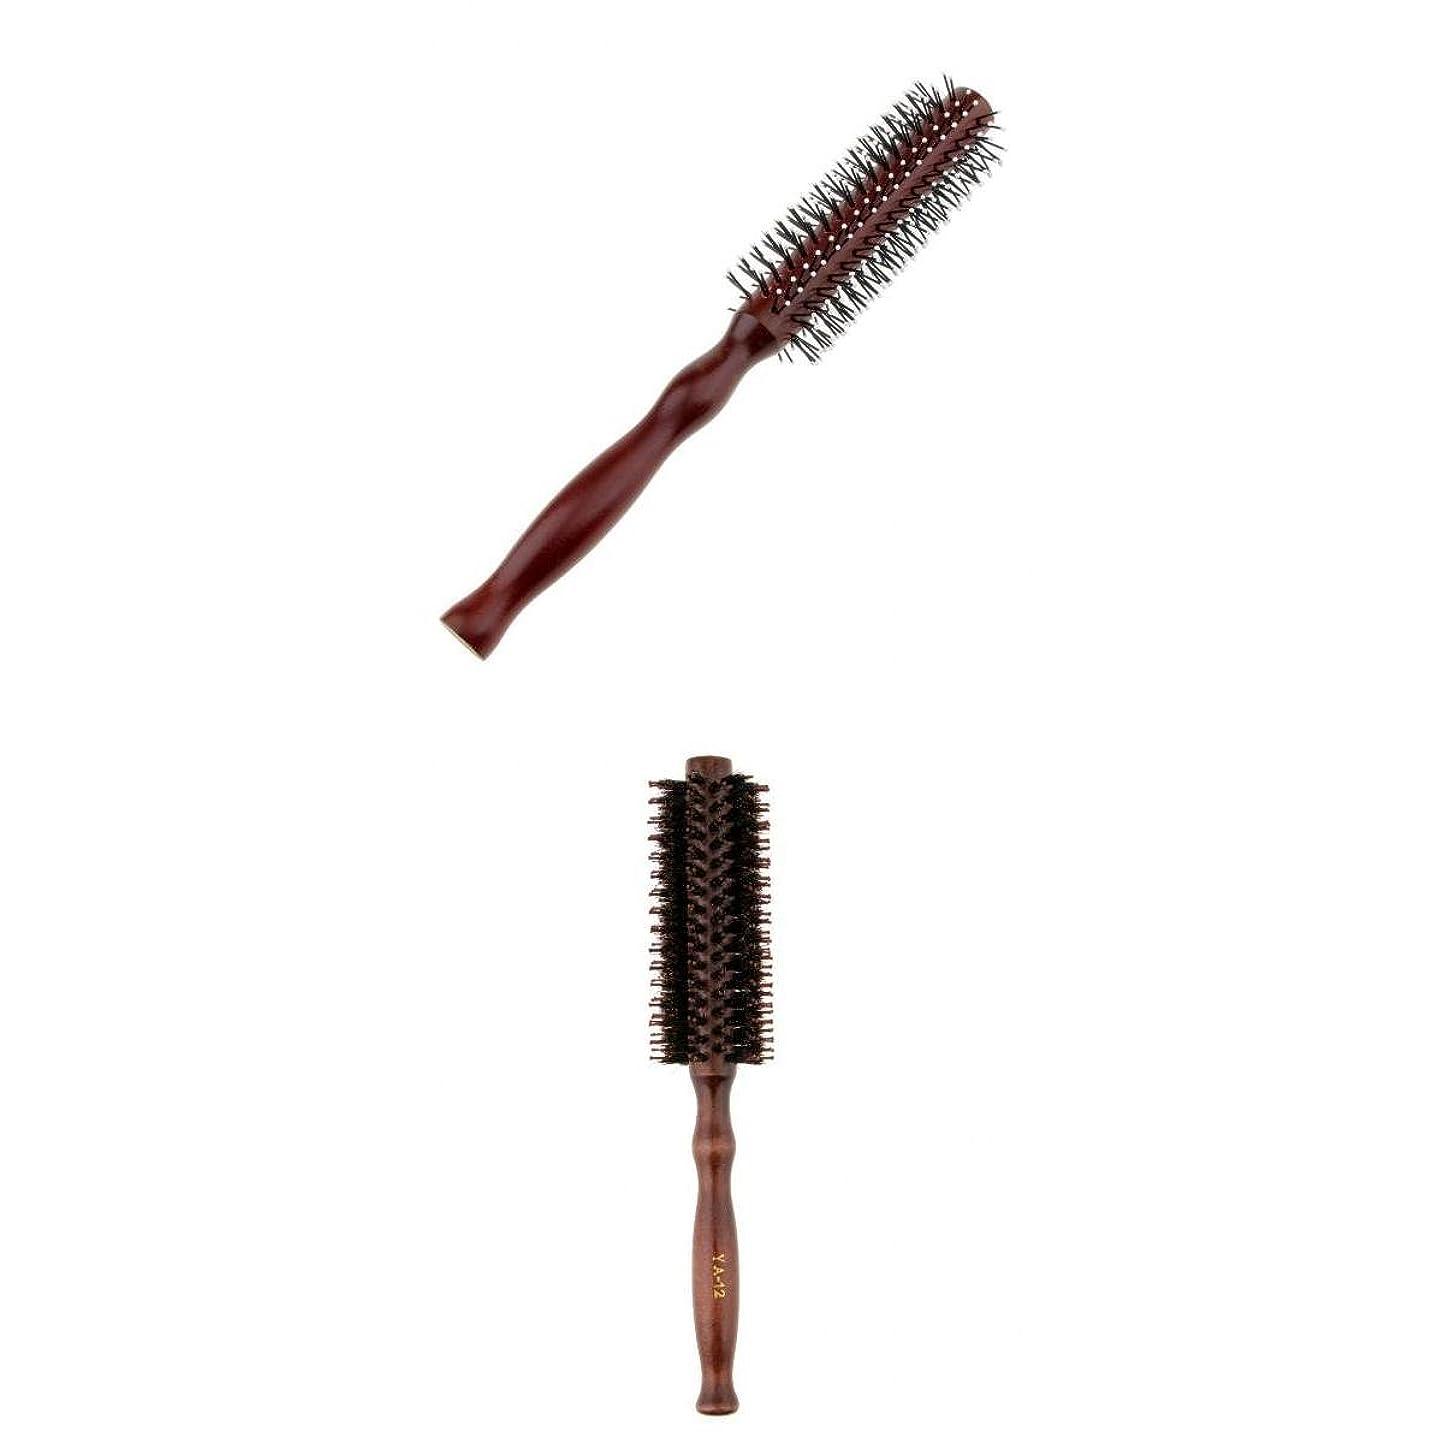 絶滅したアーチブラジャーDYNWAVE ヘアブラシ ロールブラシ ヘアコーム 木製櫛 理髪師 家庭 アクセサリー 2点入り